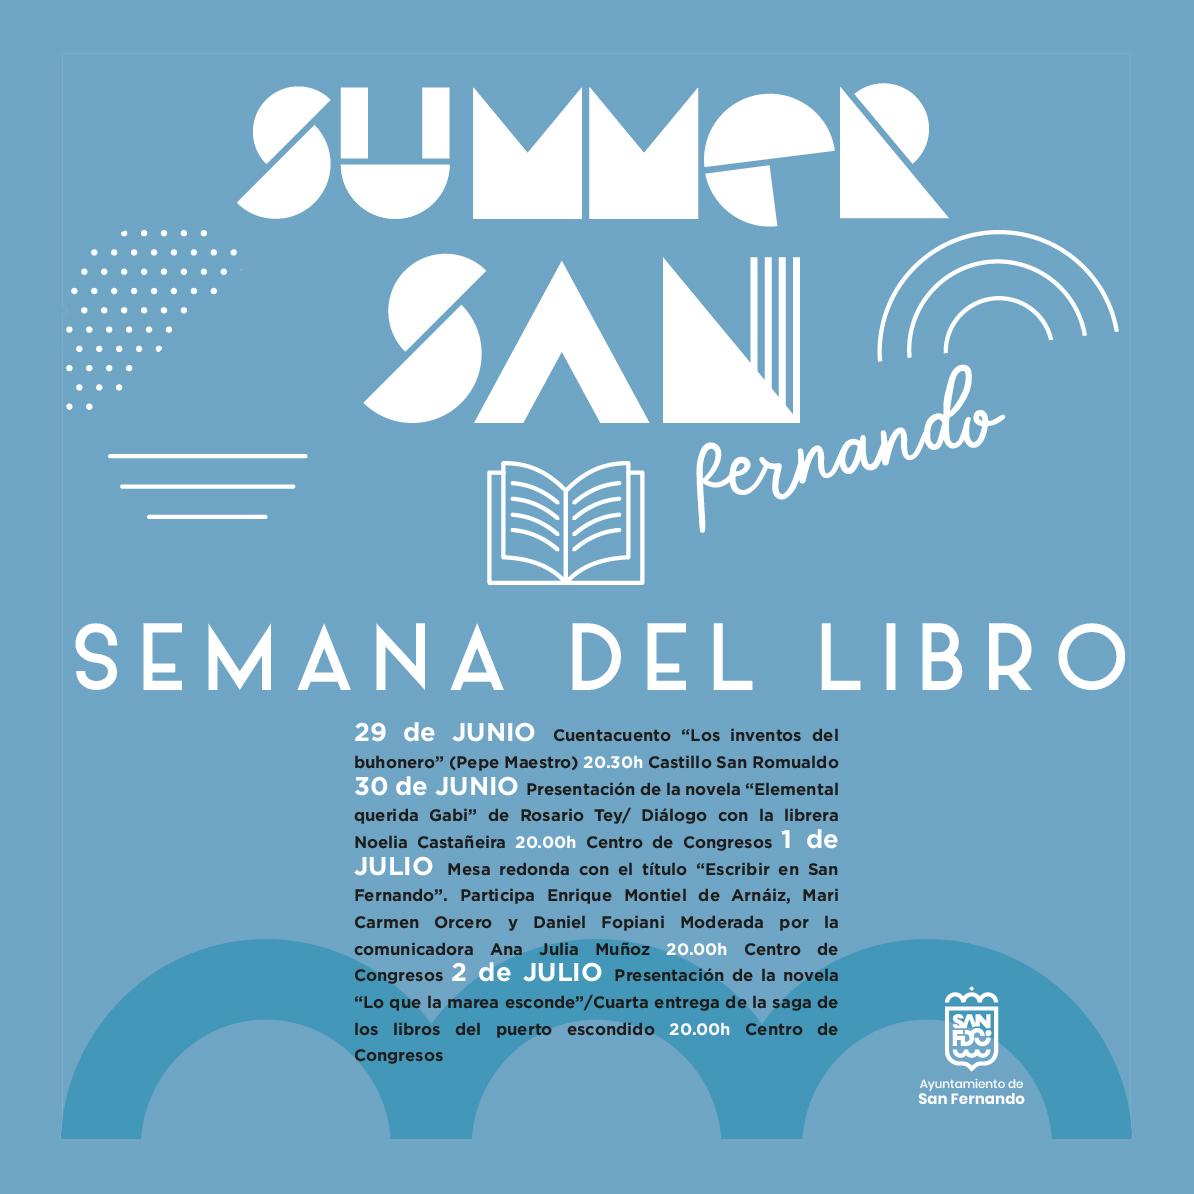 Semana del Libro en San Fernando - Summer San